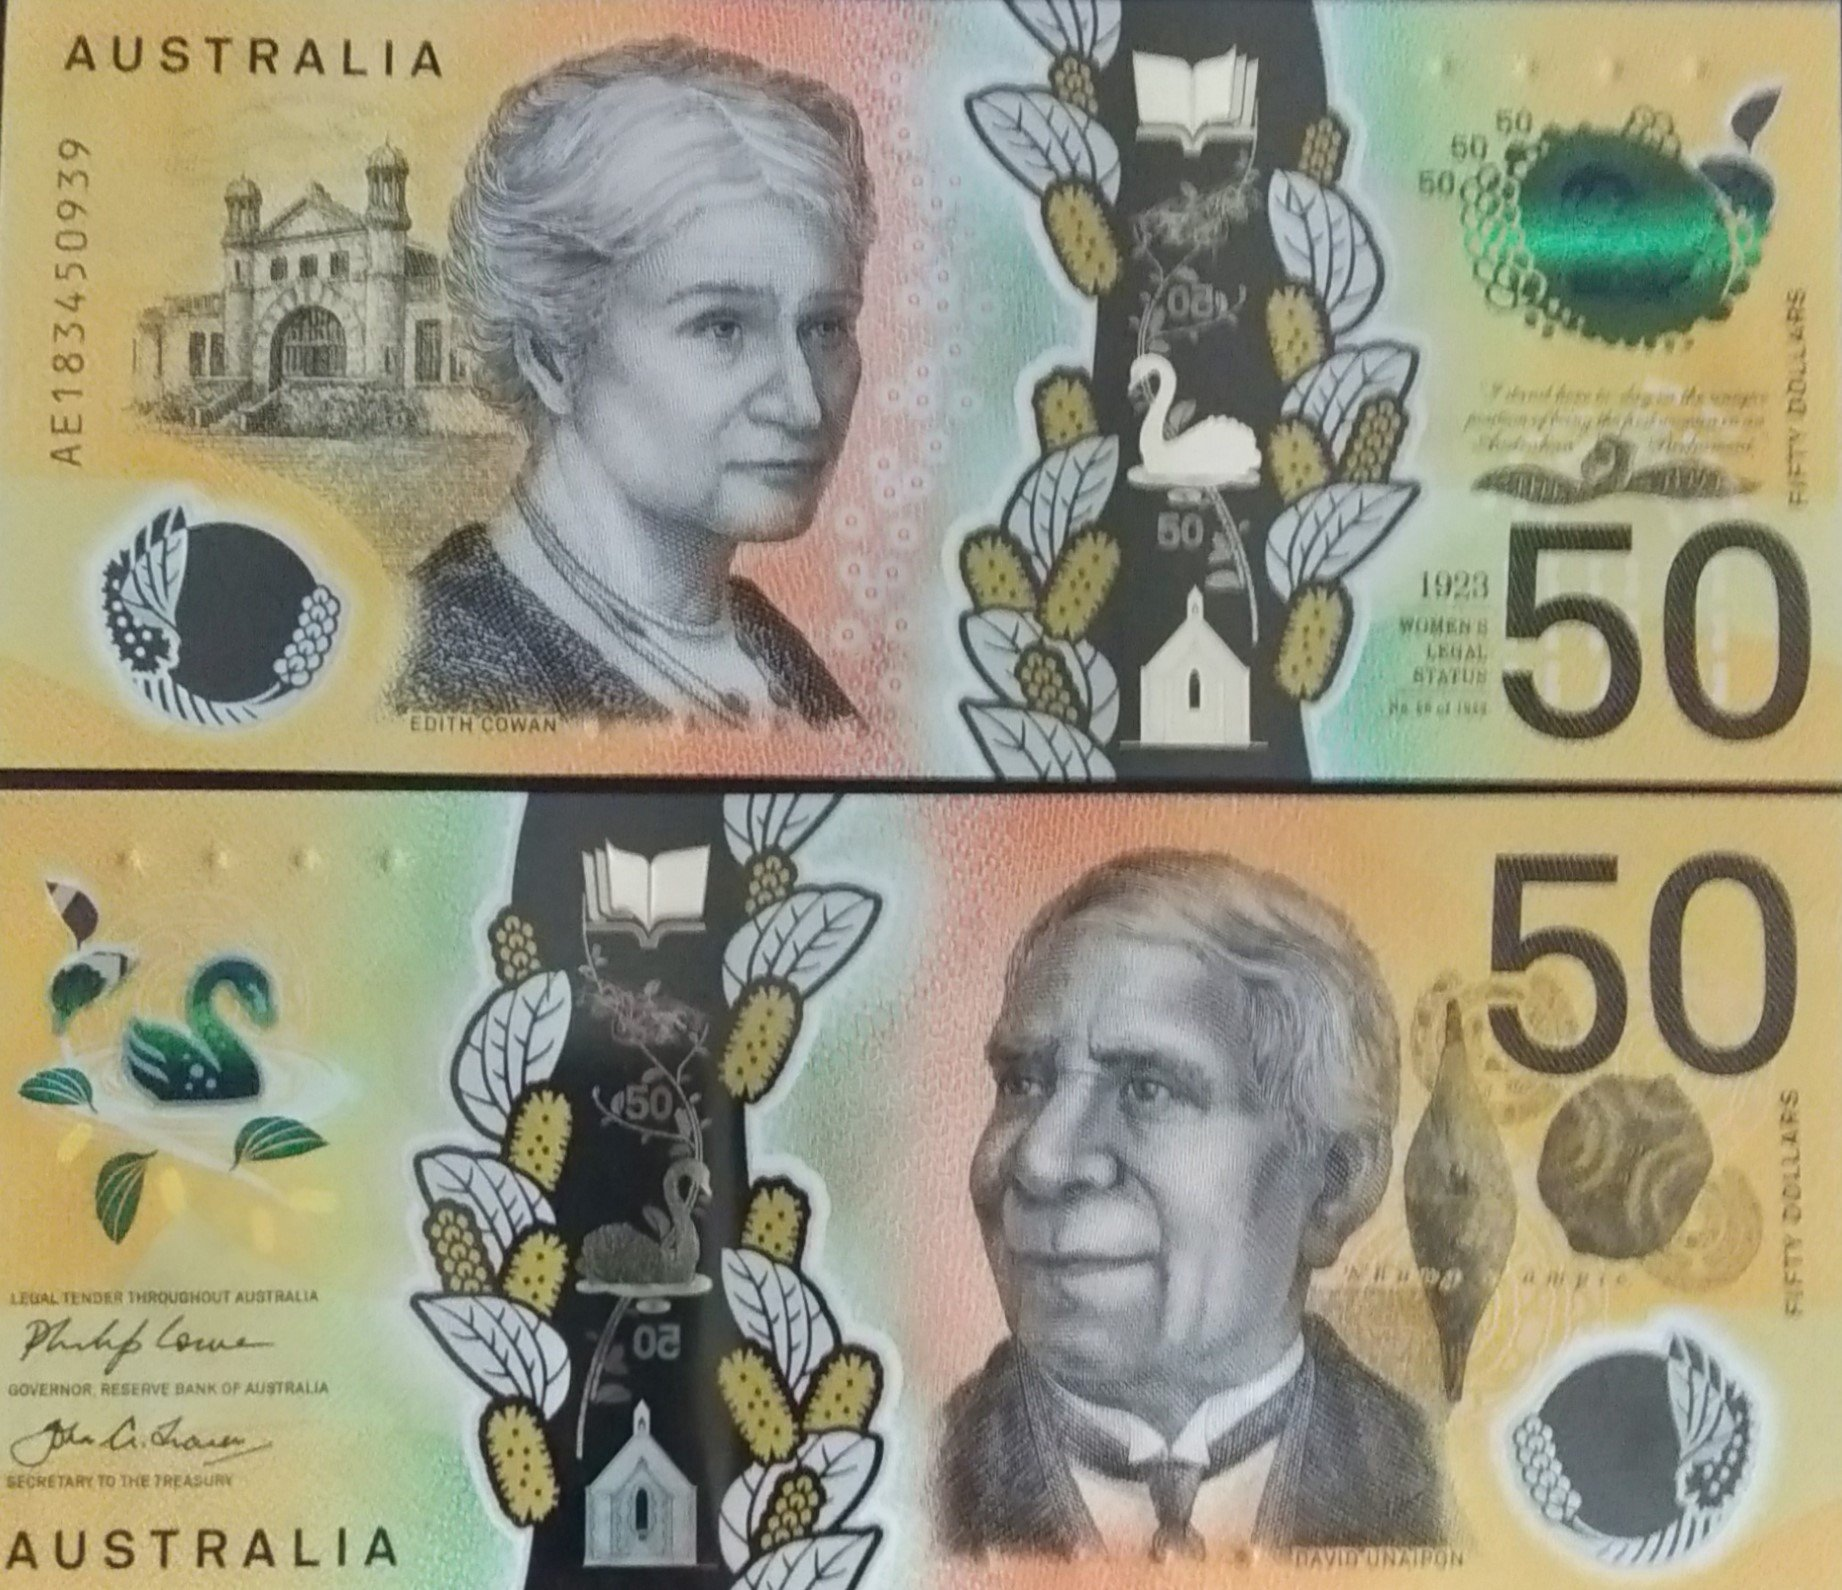 Australia 50 dollars for sale